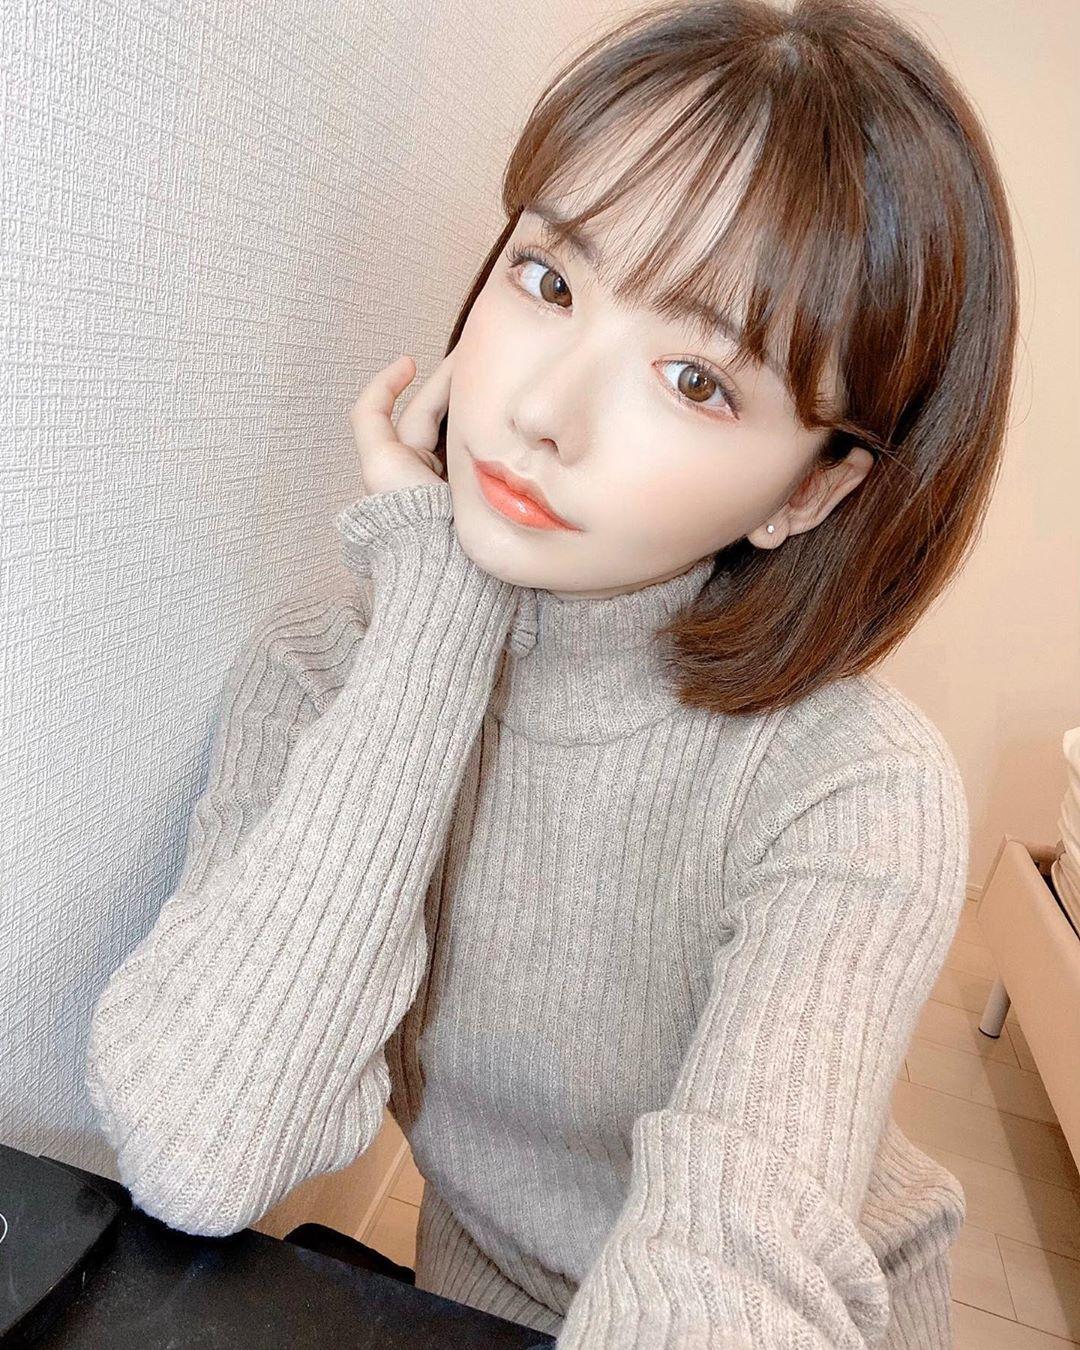 疯狂!深田咏美分享火辣照片,竟然被男粉丝跟踪 第10张